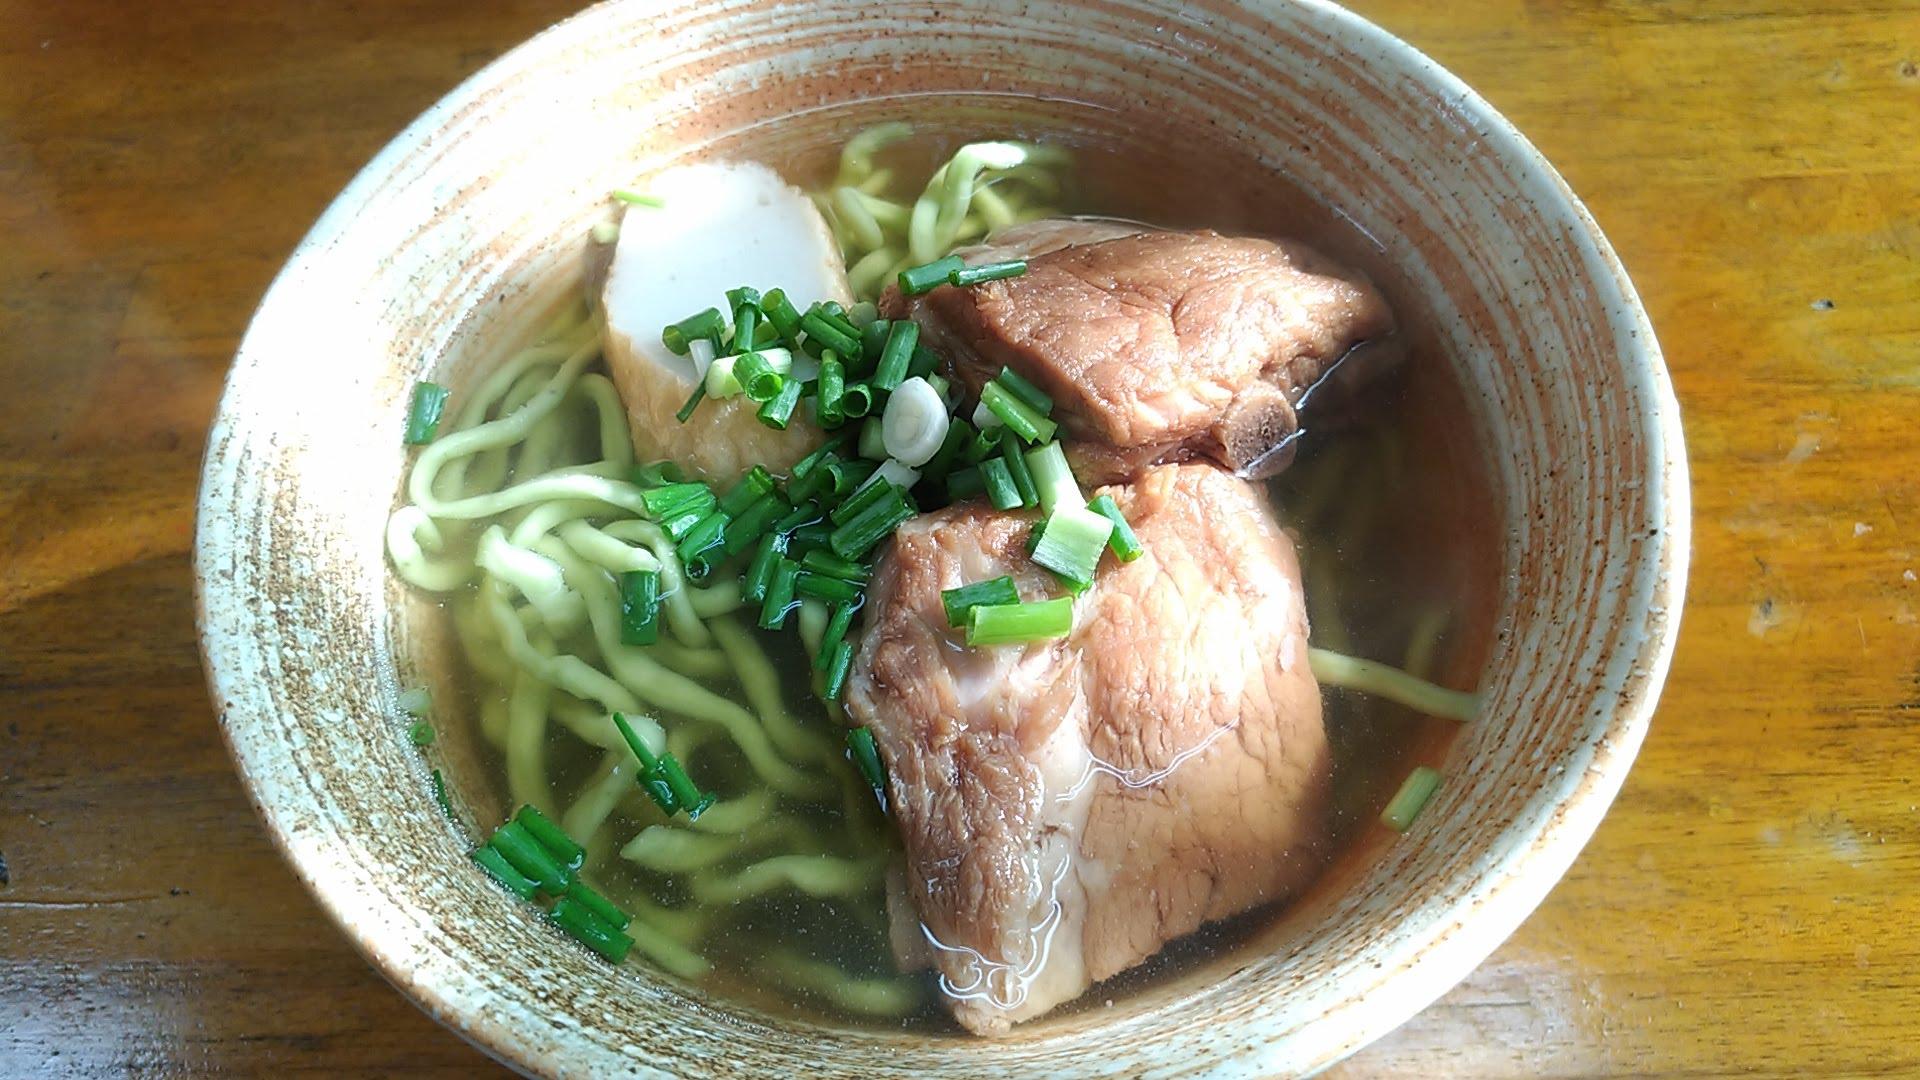 Okinawa soba of Mi-yaguwa